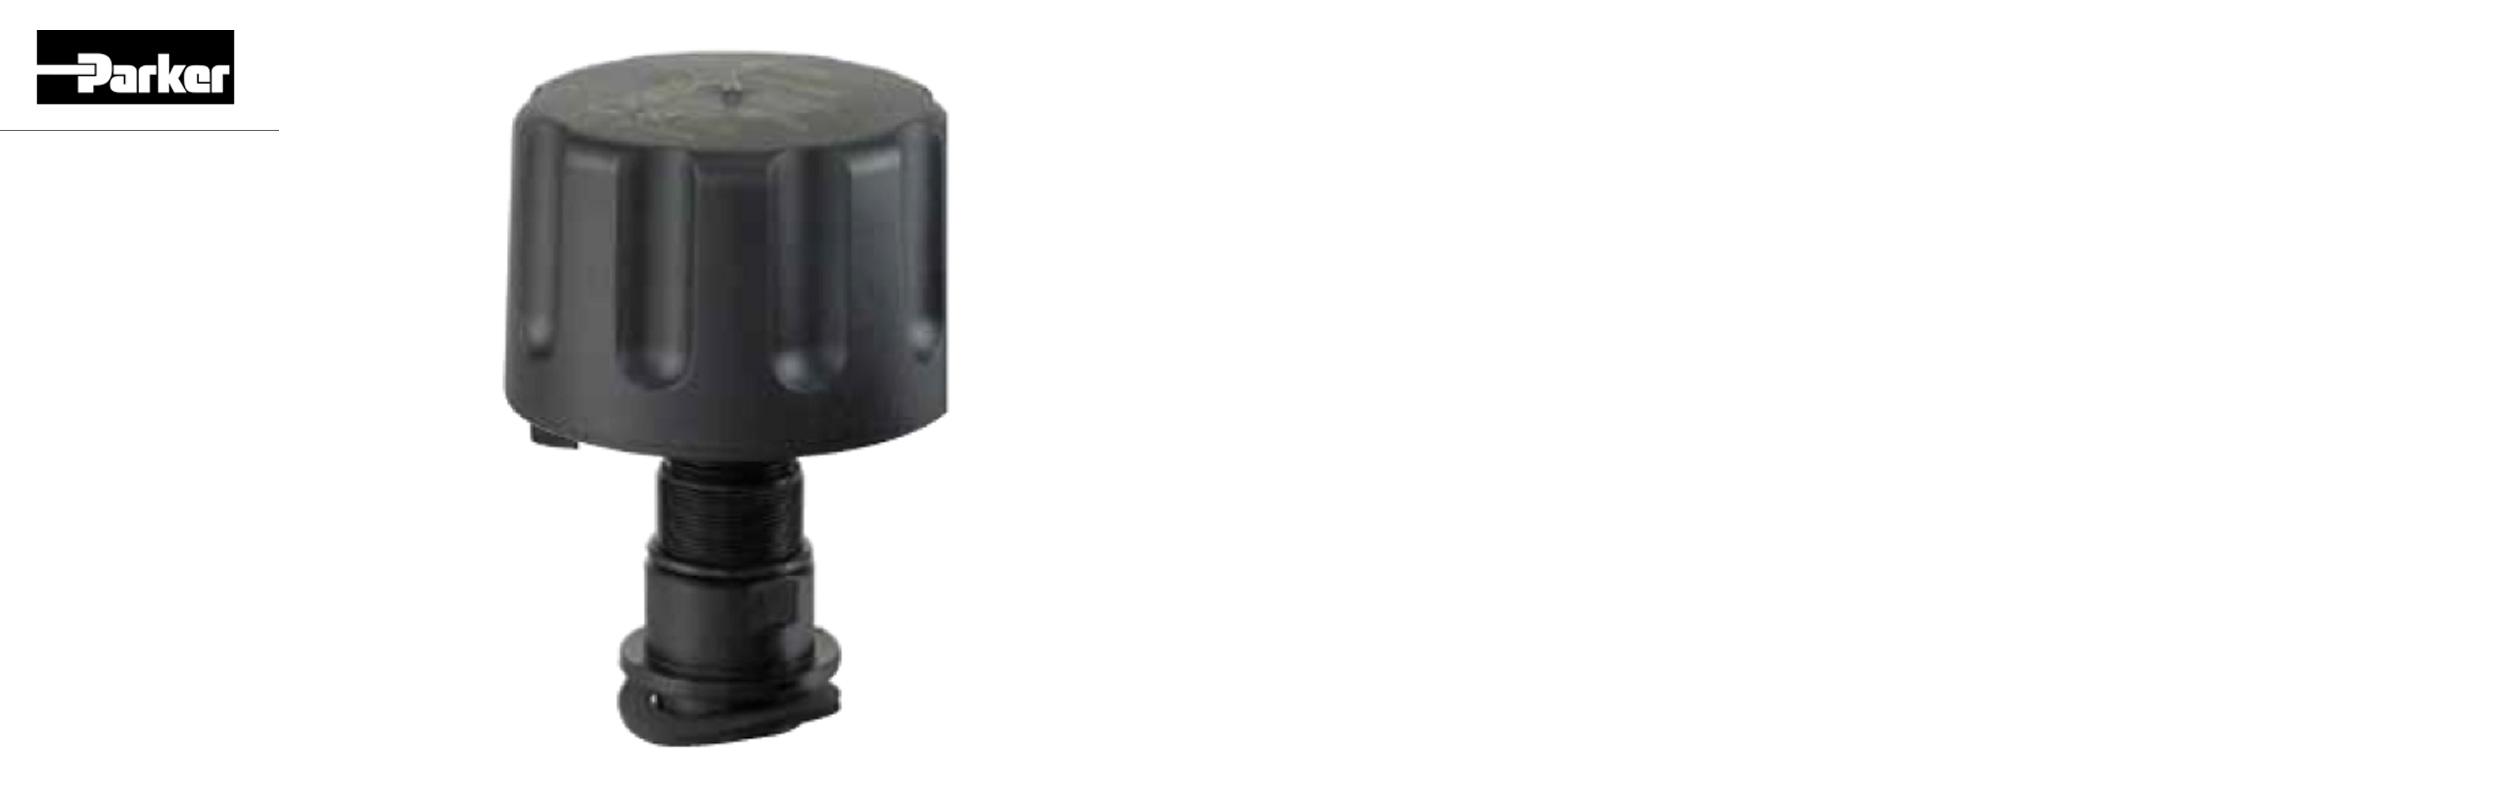 Filtr oddechowy pochłaniacz wody i wilgoci z powietrza